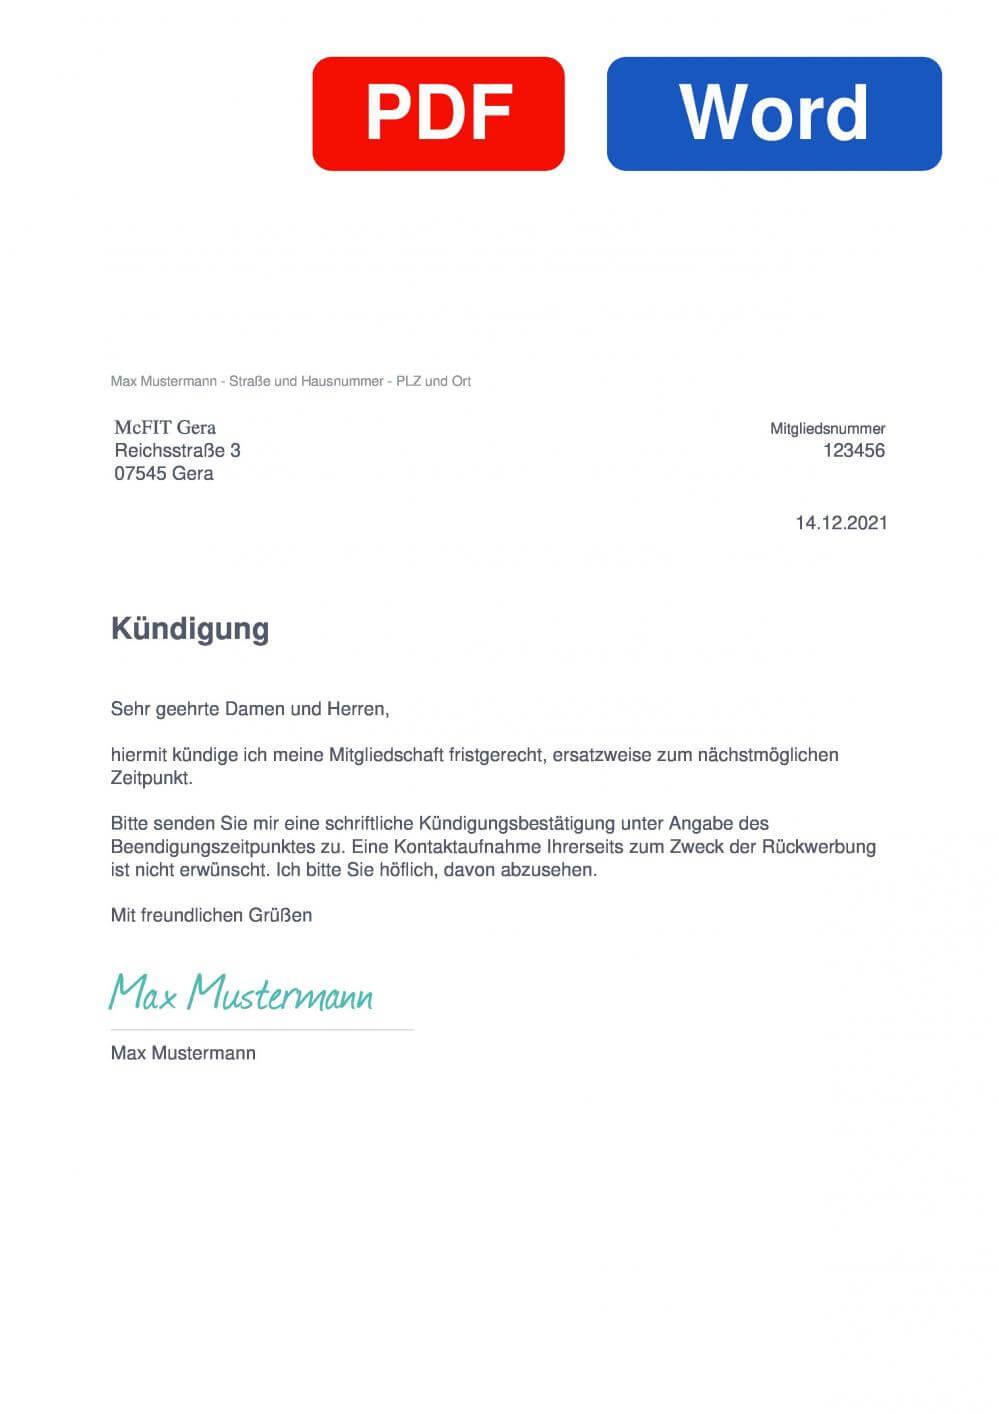 McFIT Gera Muster Vorlage für Kündigungsschreiben